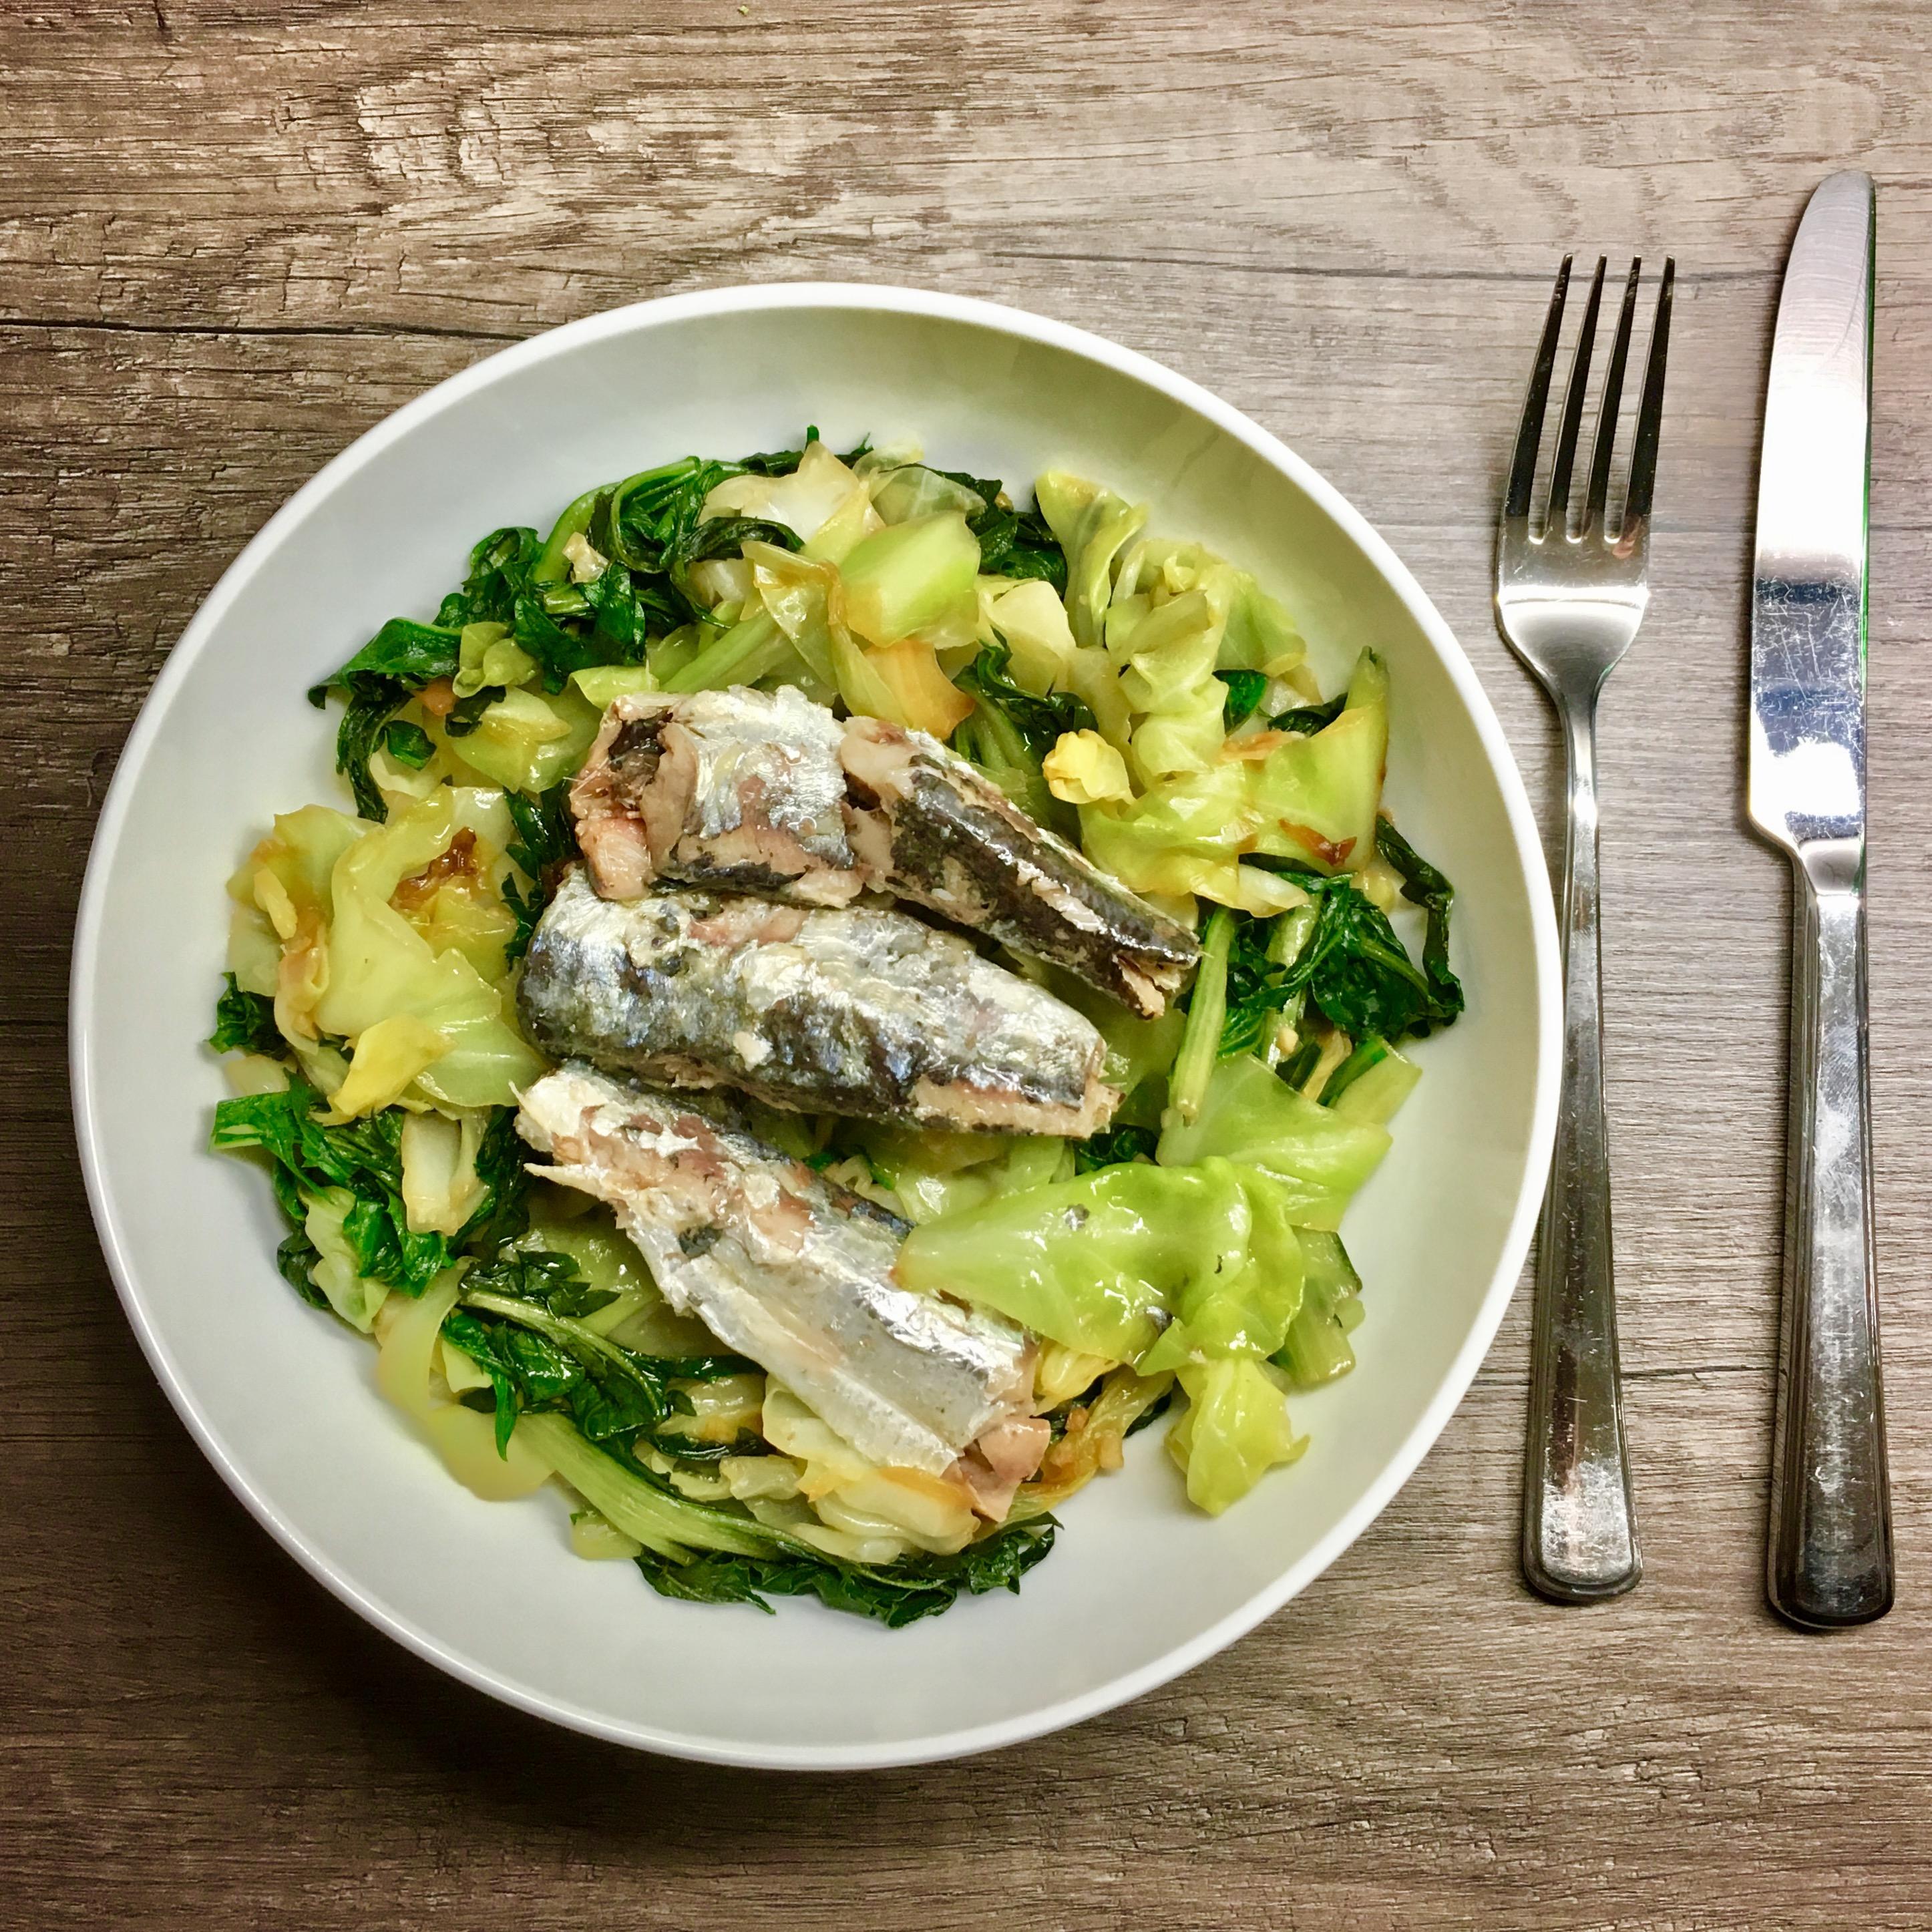 Hier haben wir eine kalorienarme Mahlzeit aus gebratenem Spitzkohl und Vulkanspargel (Puntarelle), verfeinert mit Sardinenfilets in Olivenöl. Eignet sich hervorragend für ein Abendessen. Während der Spitzkohl den Magen füllt, liefert der Fisch wertvolles Eiweiß zum Erhalt der Muskulatur. Das Olivenöl wirkt als Geschmacksträger und sättigt lange. Fühlt sich leicht an und stört den Schlaf nicht.